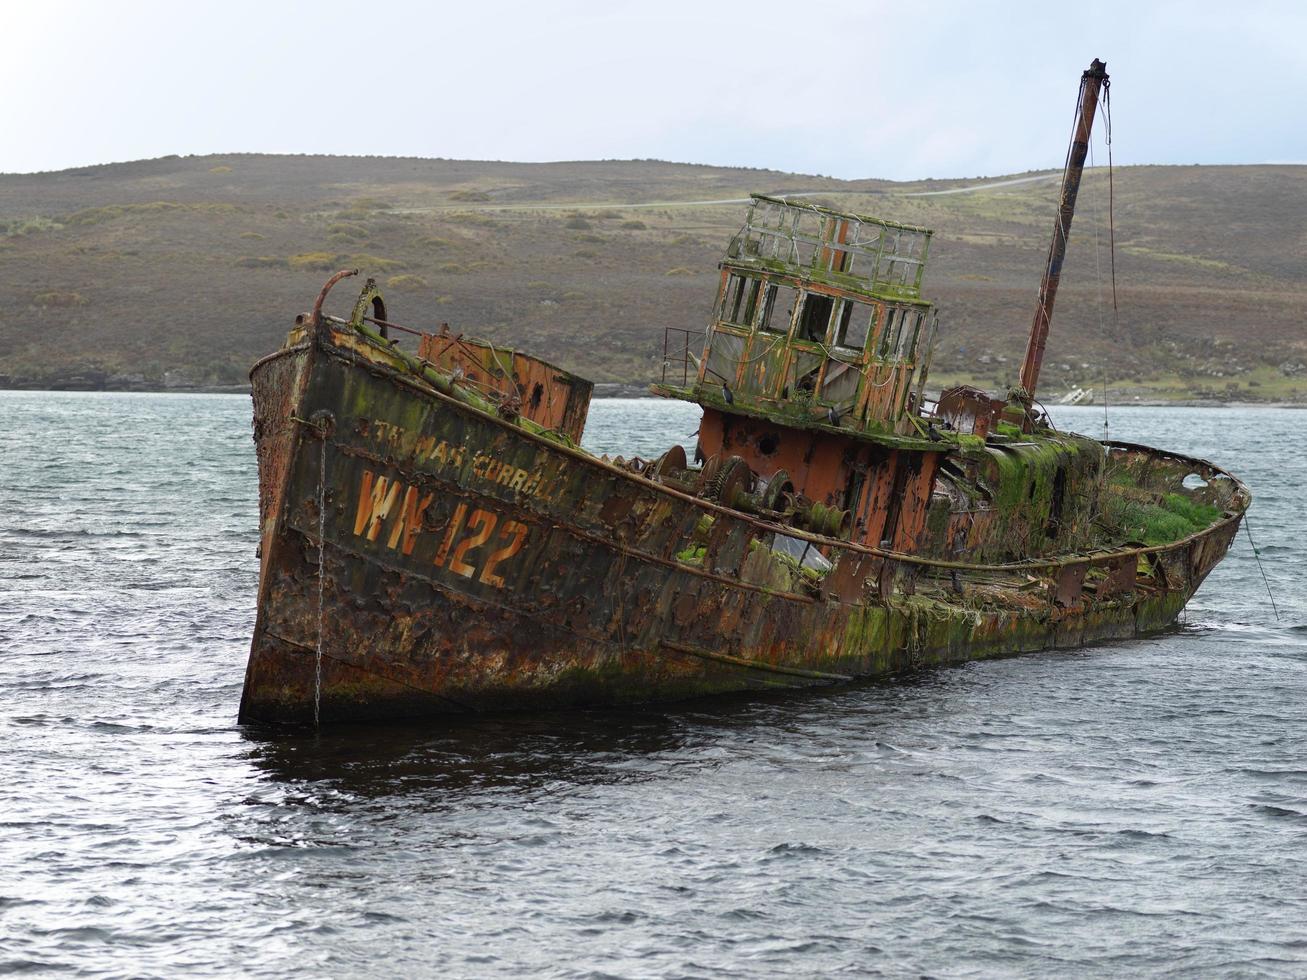 braunes Schiffswrack im Wasser foto